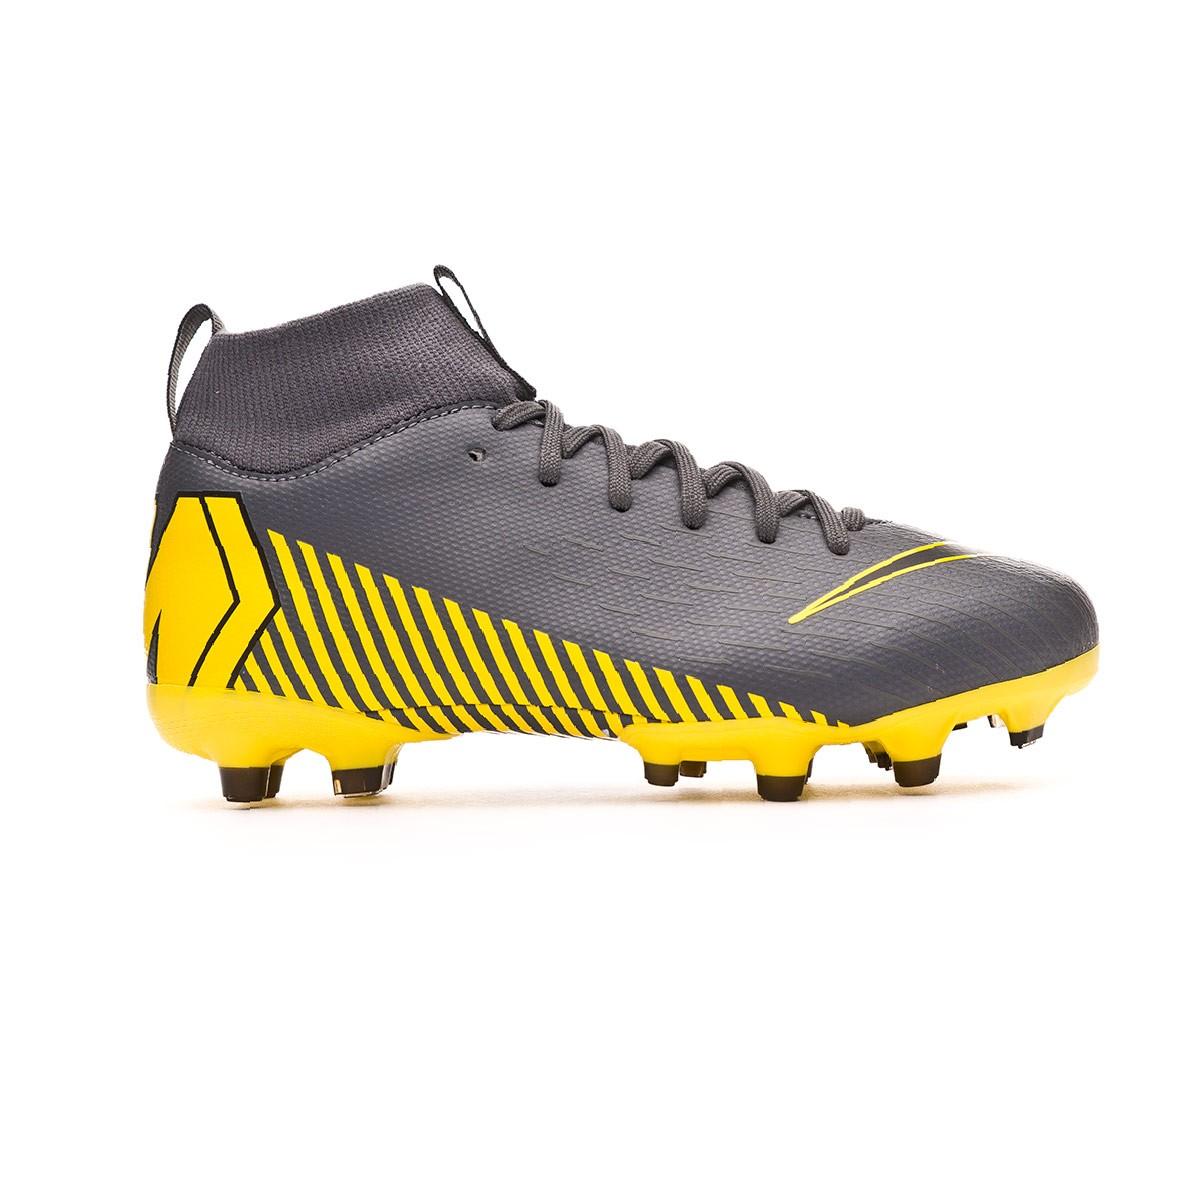 2c4743110c5a6 Scarpe Nike Mercurial Superfly VI Academy MG Junior Dark grey-Black -  Negozio di calcio Fútbol Emotion